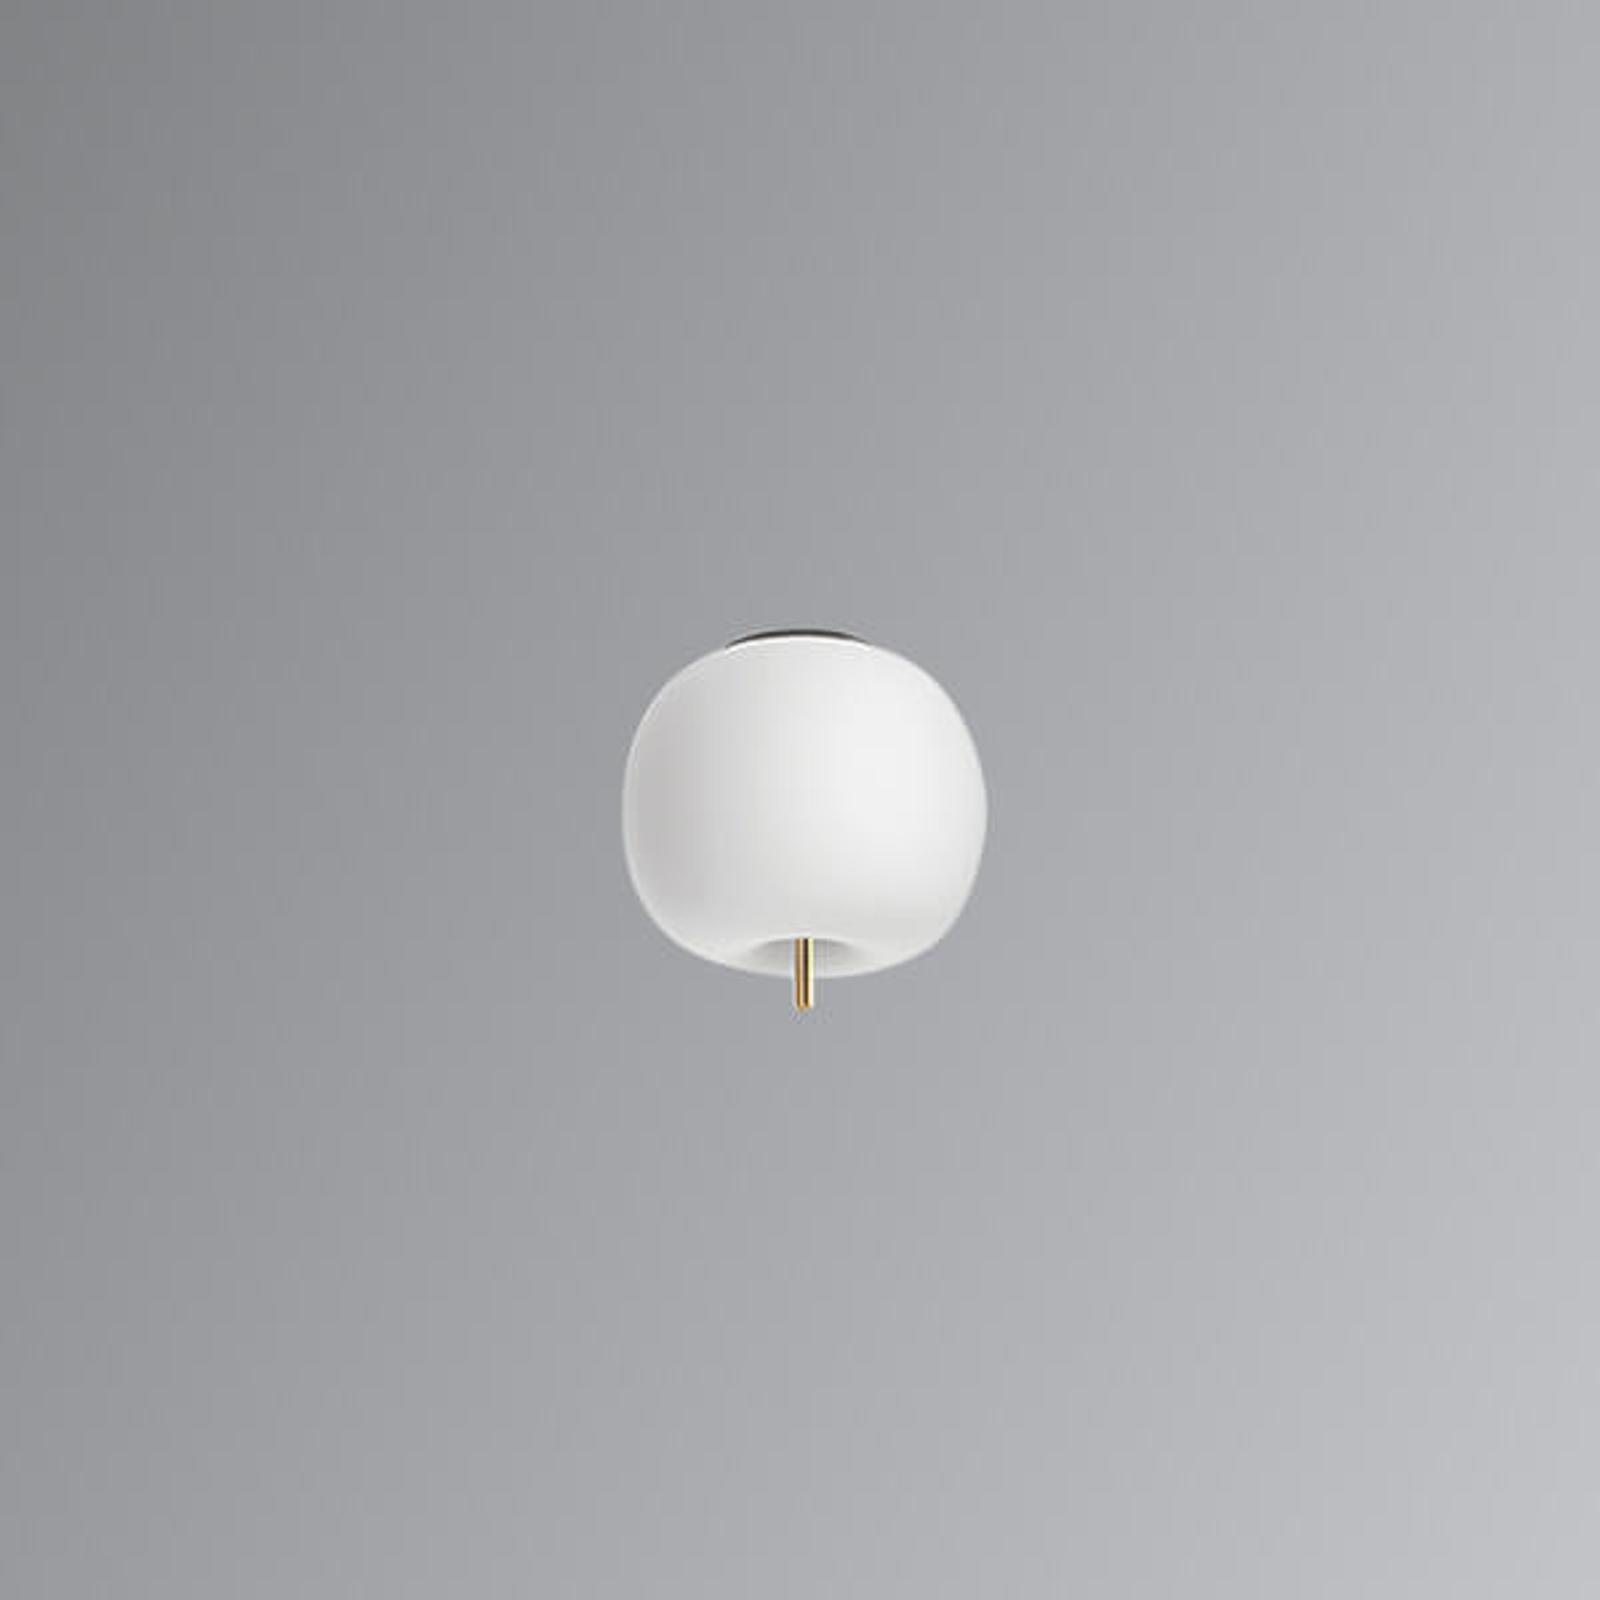 Kundalini Kushi - LED stropní svítidlo mosaz 16cm